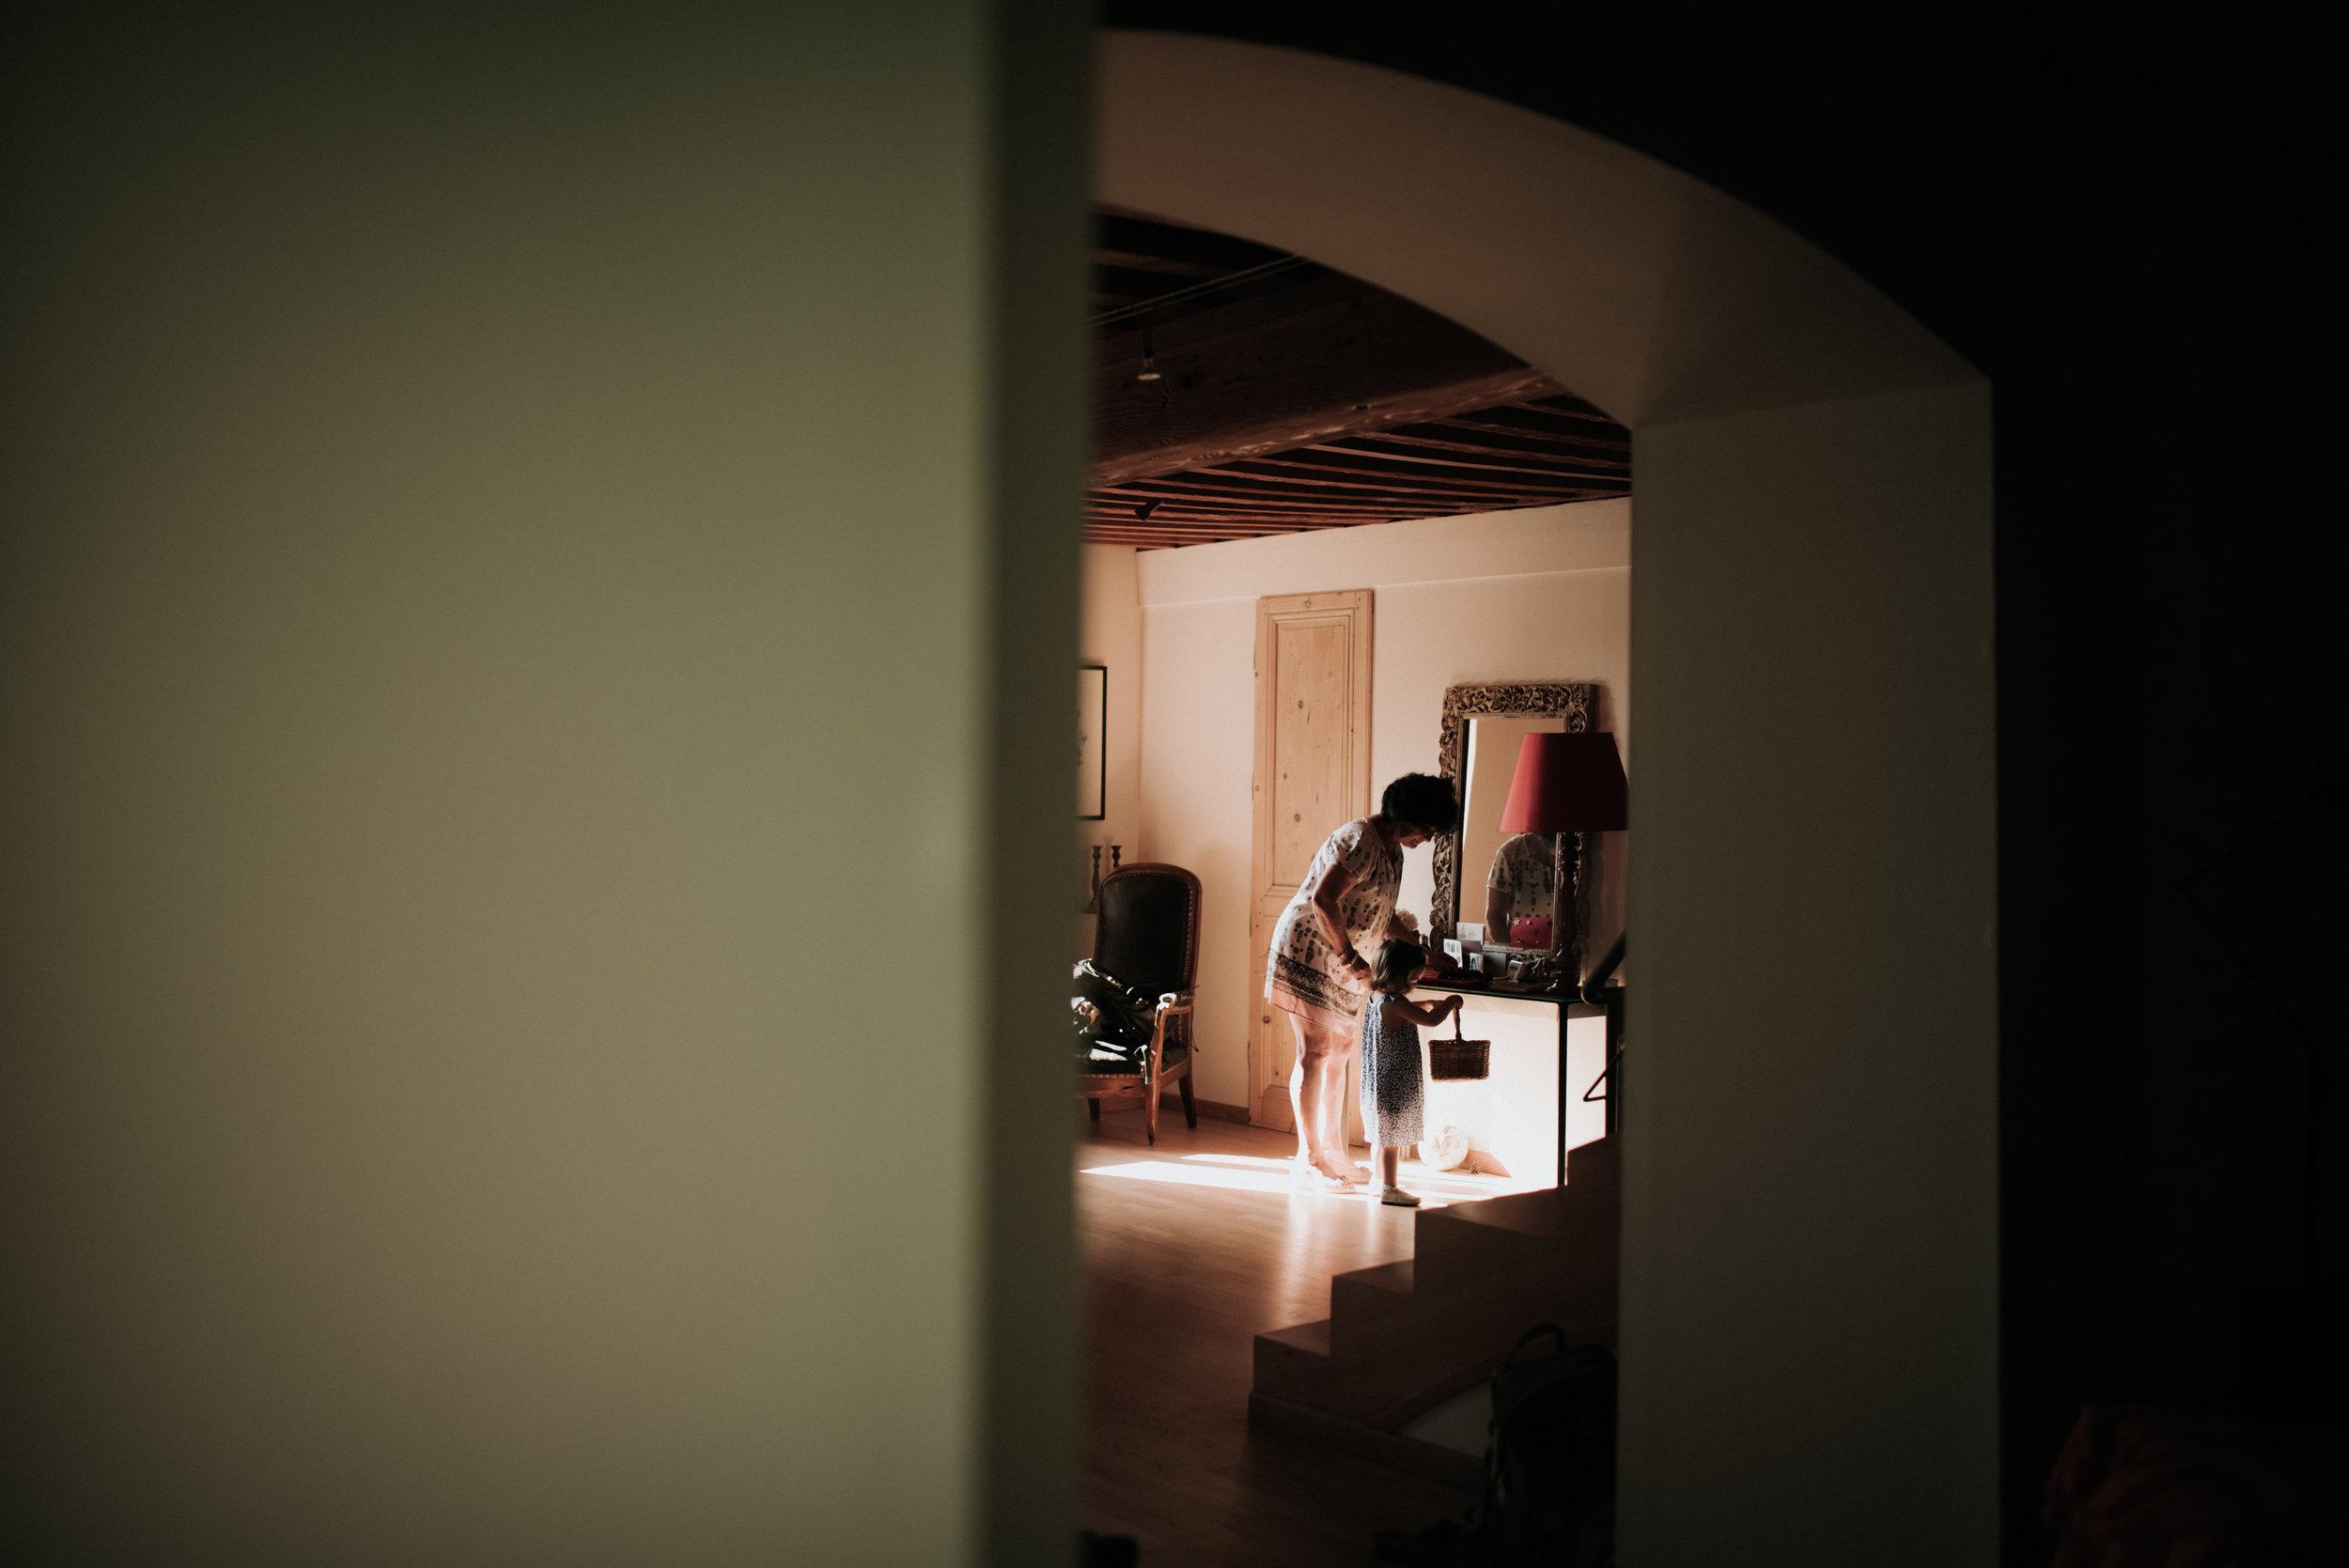 Léa-Fery-photographe-professionnel-lyon-rhone-alpes-portrait-creation-mariage-evenement-evenementiel-famille-4358.jpg